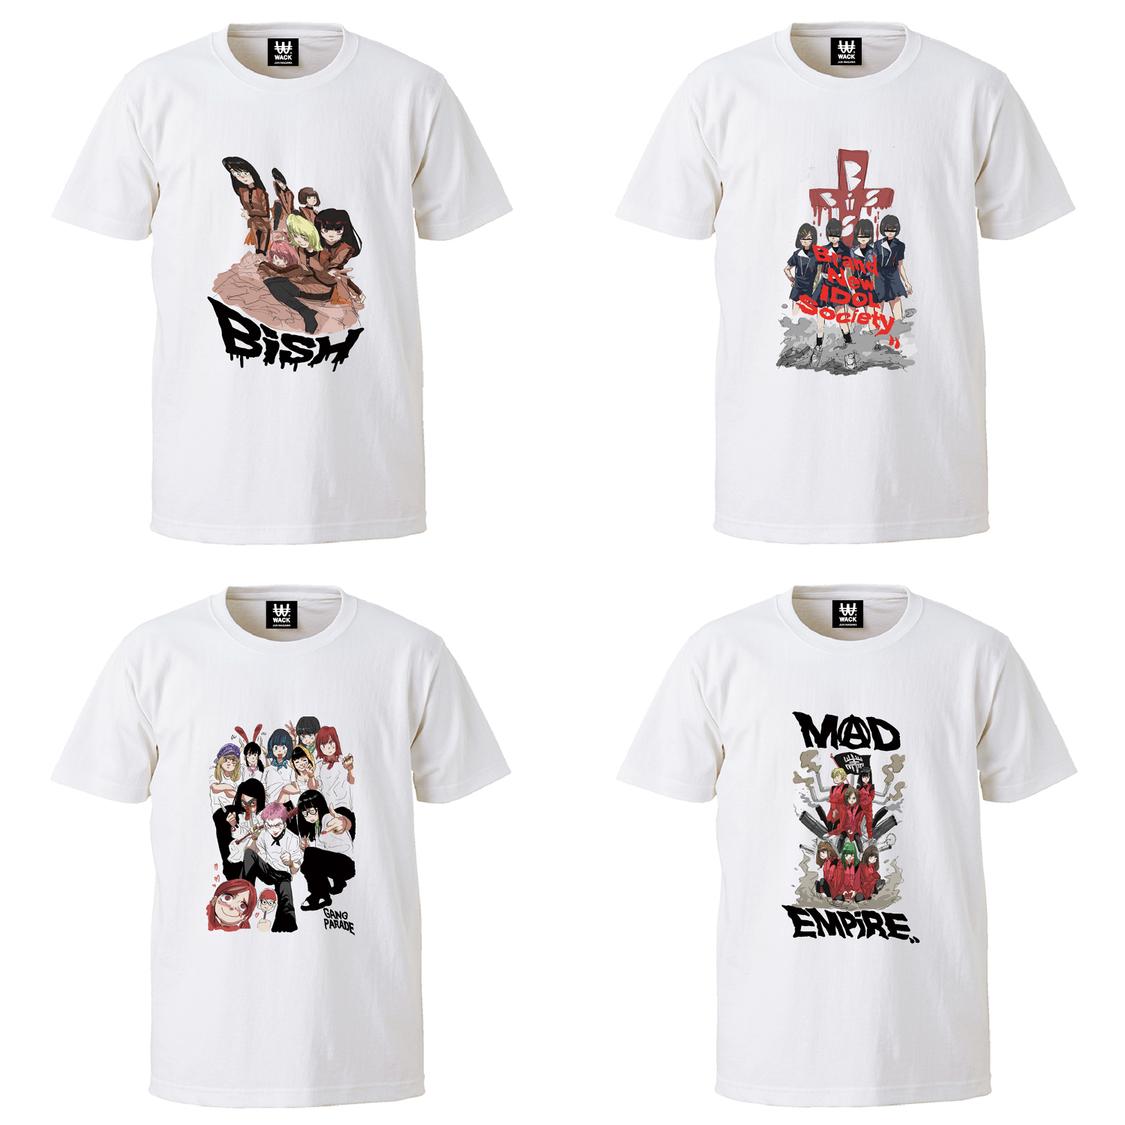 WACK X JUN INAGAWA コラボTシャツ4種が期間限定で受注販売!